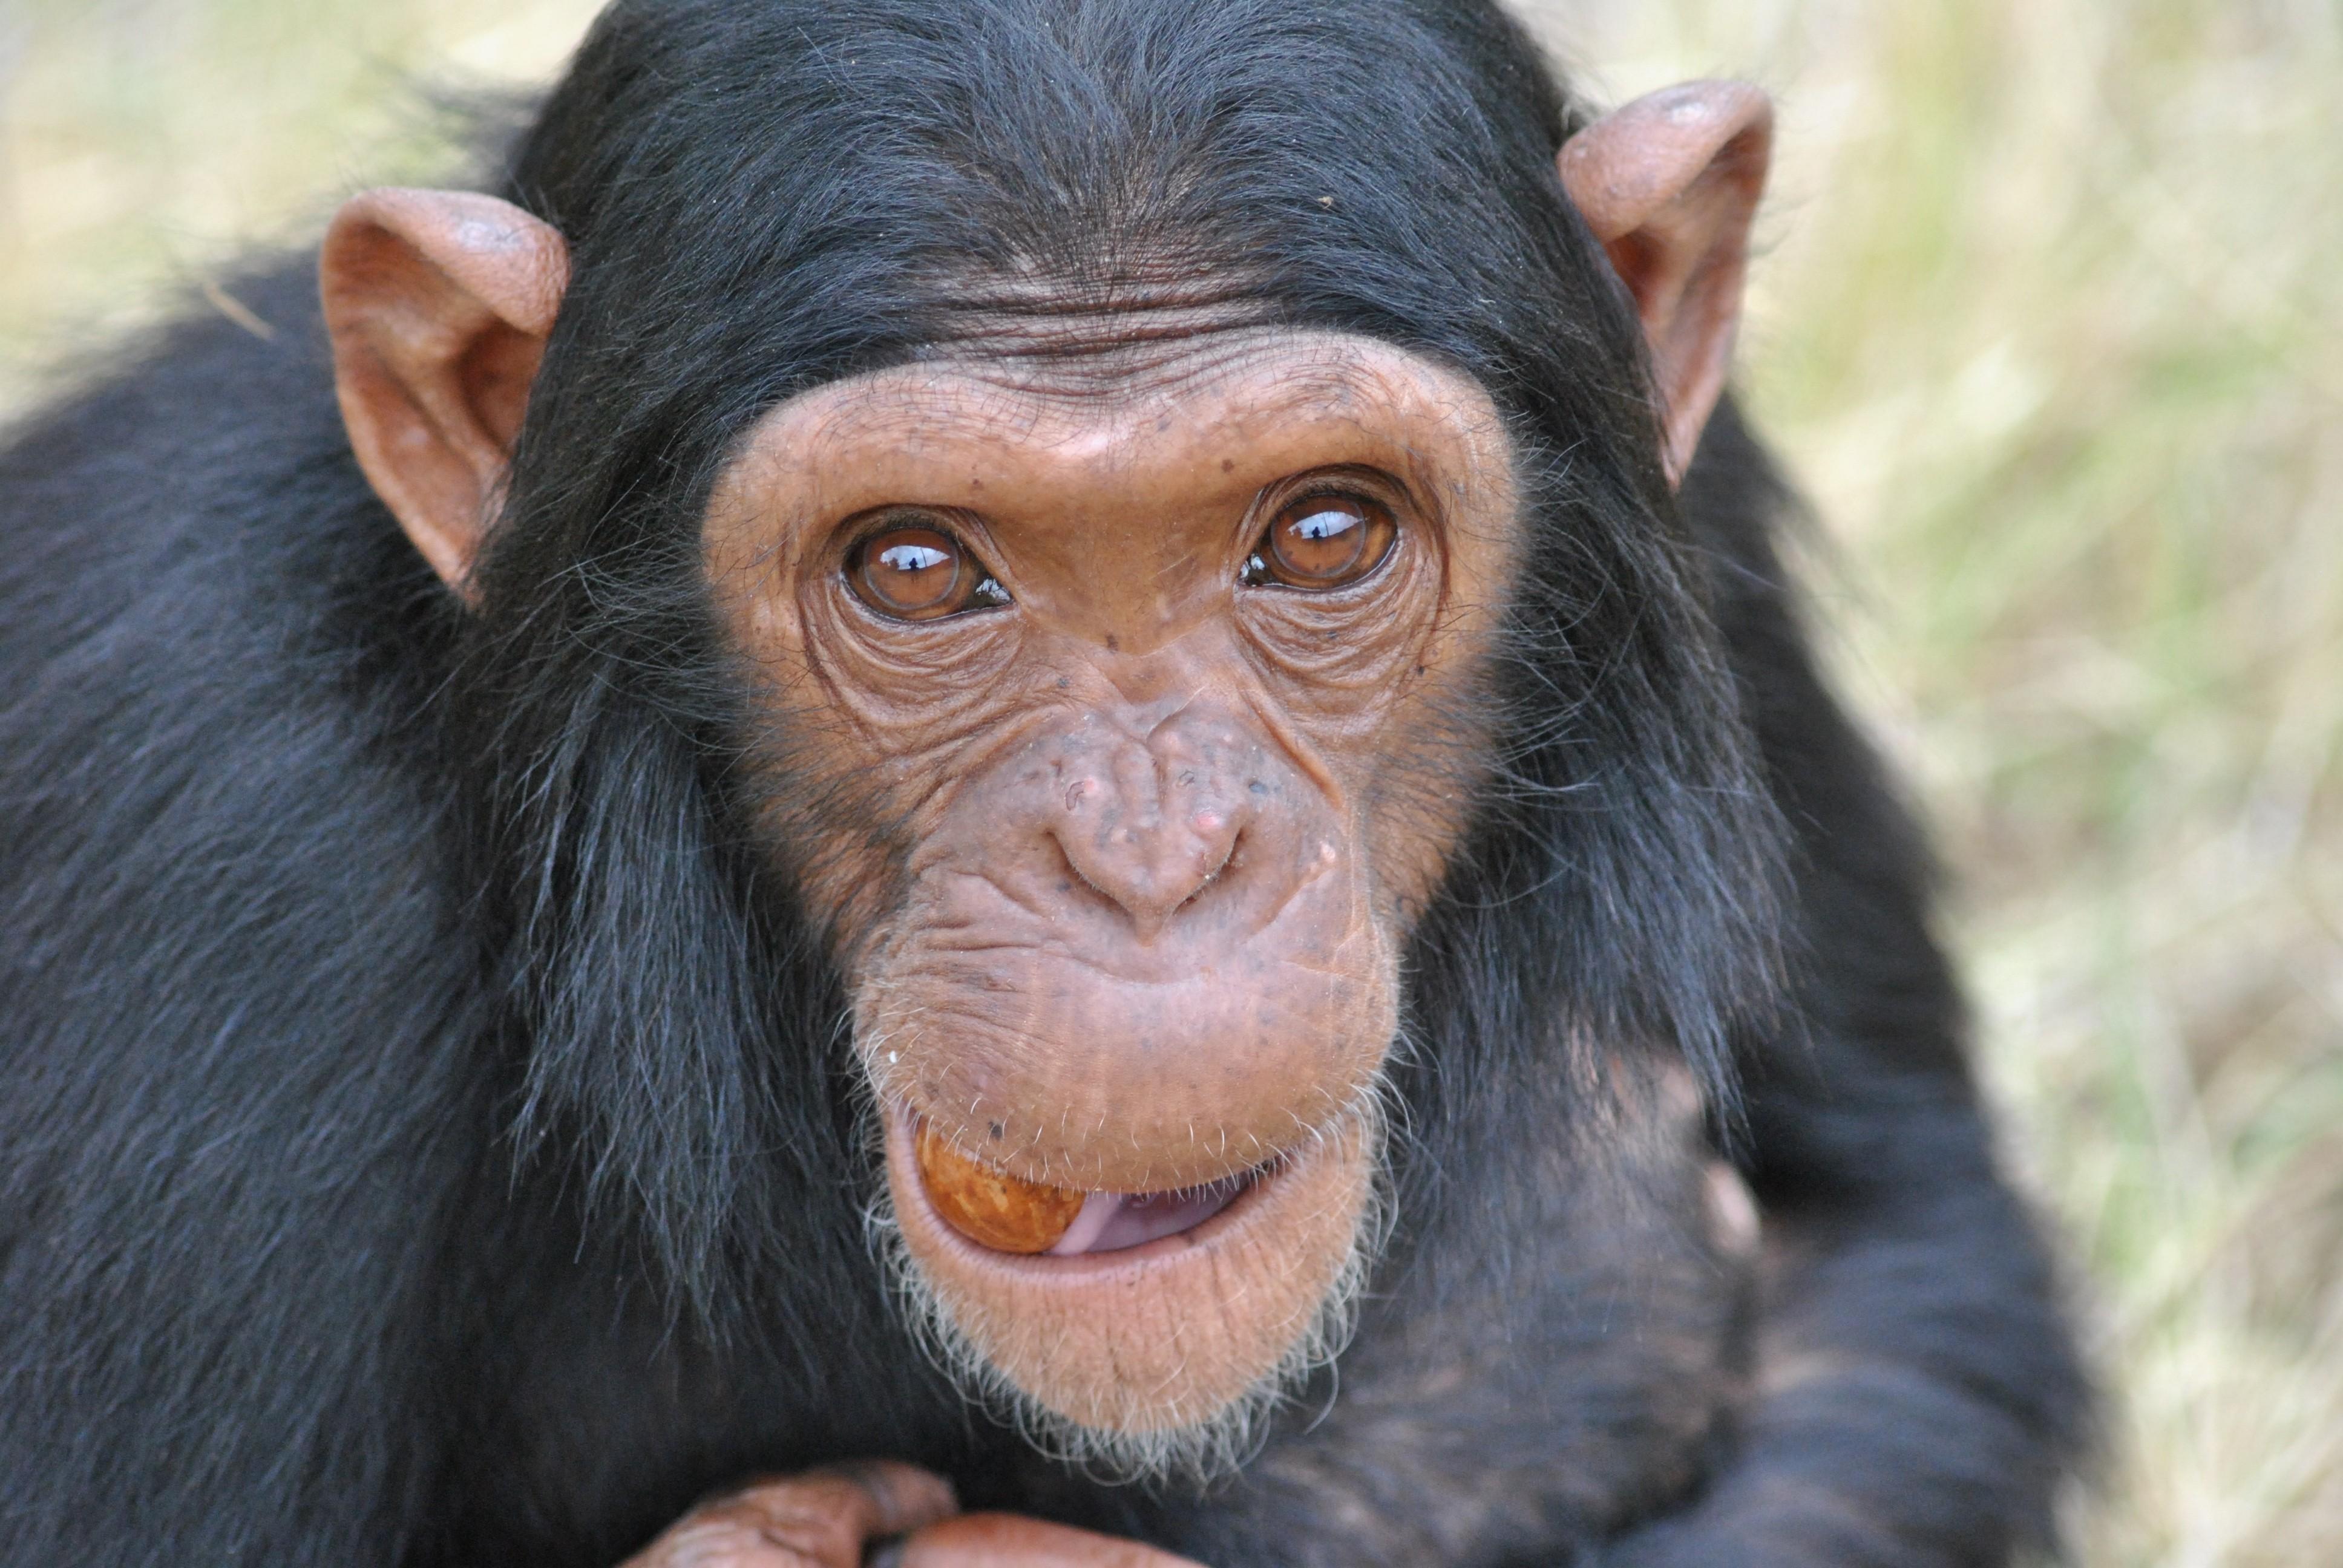 chimpanz s t m capacidade cognitiva para cozinhar galileu ci ncia. Black Bedroom Furniture Sets. Home Design Ideas